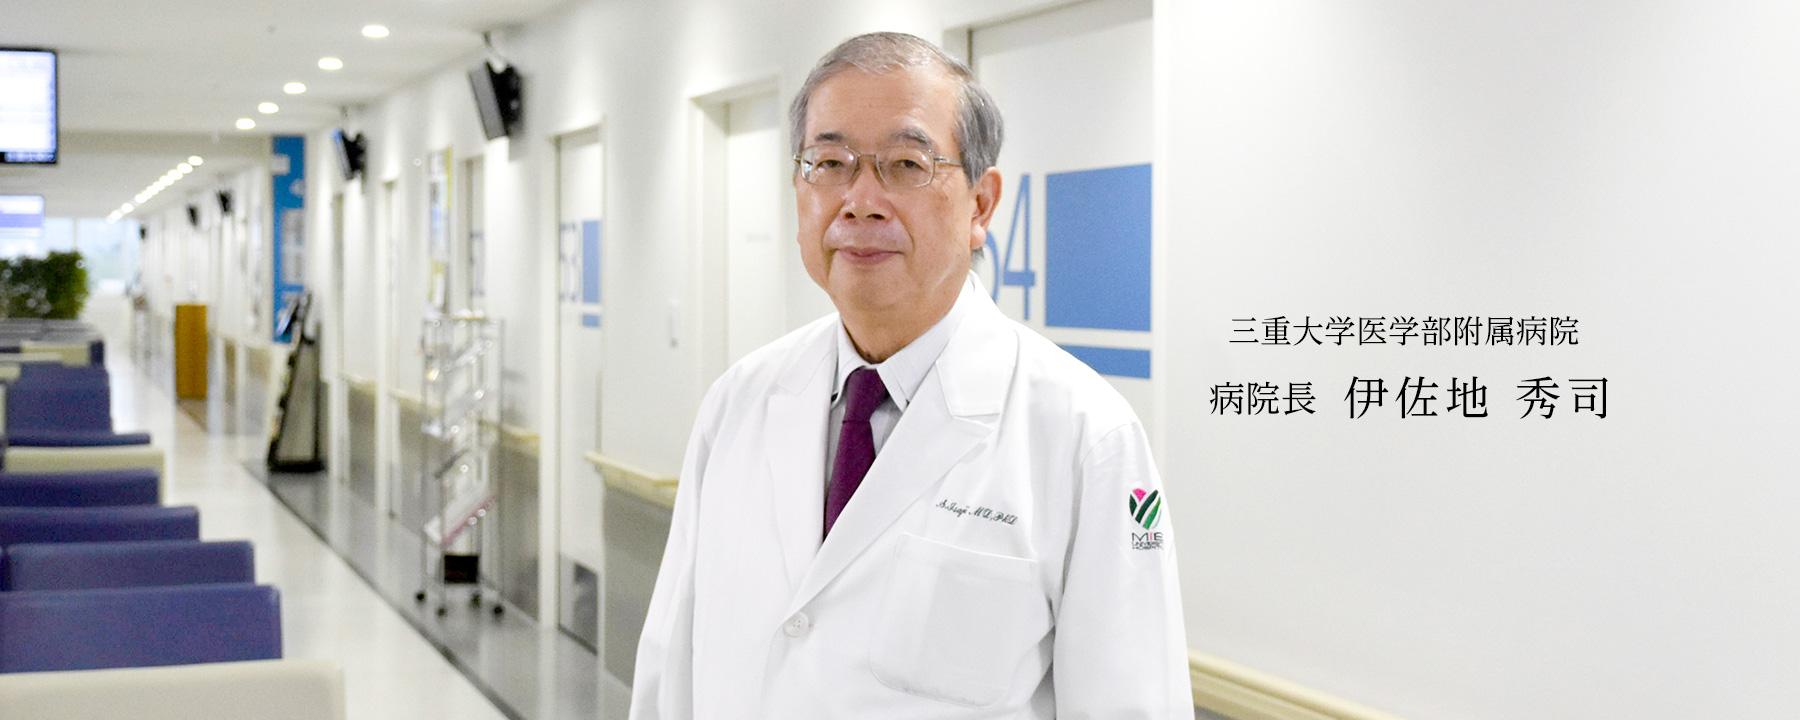 病院長 伊藤正明